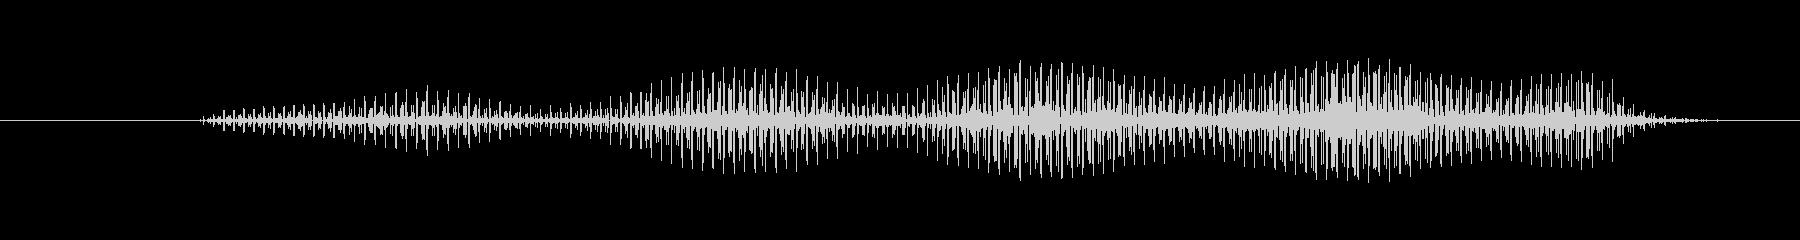 FI 実用性 スキャナーウォブルハイ01の未再生の波形